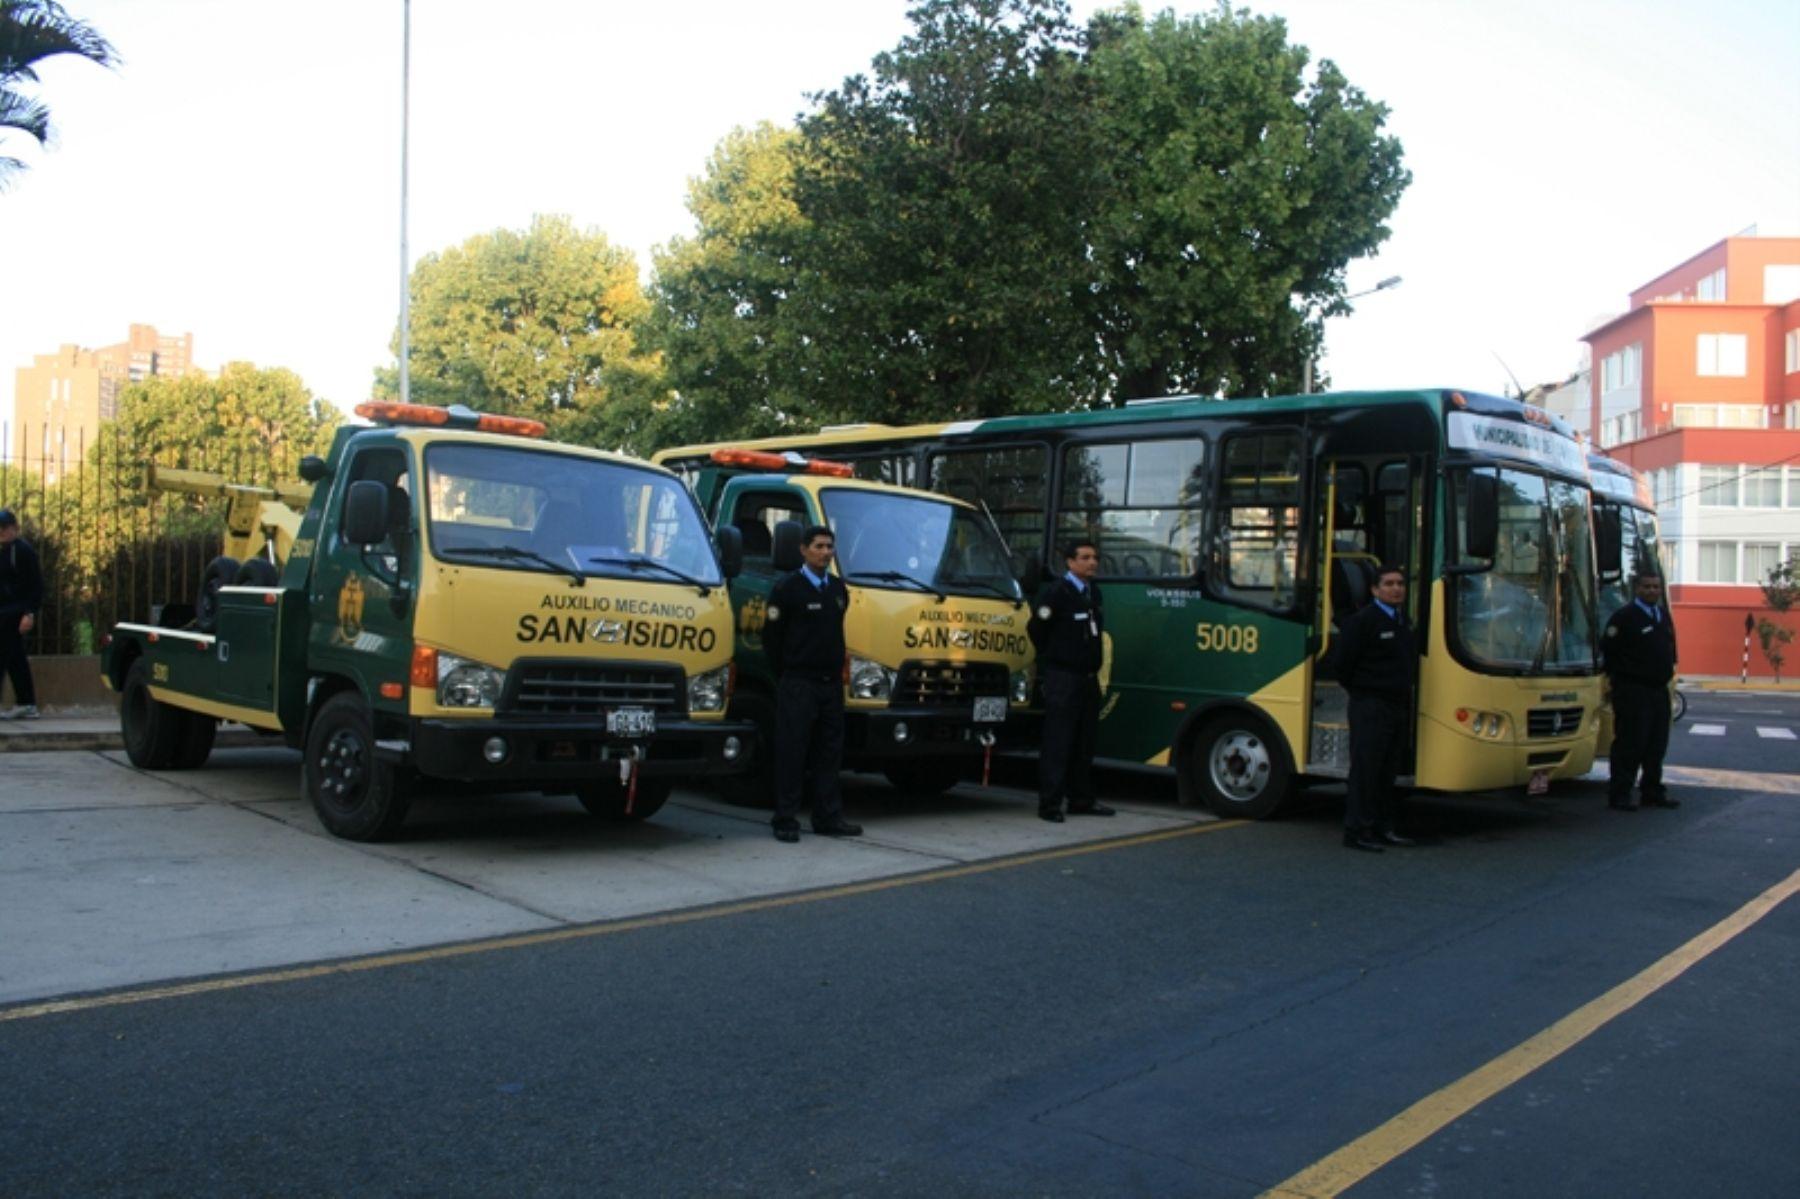 Nueva flota vehicular adquirida por Municipalidad de San Isidro. Foto: Municipalidad de San Isidro